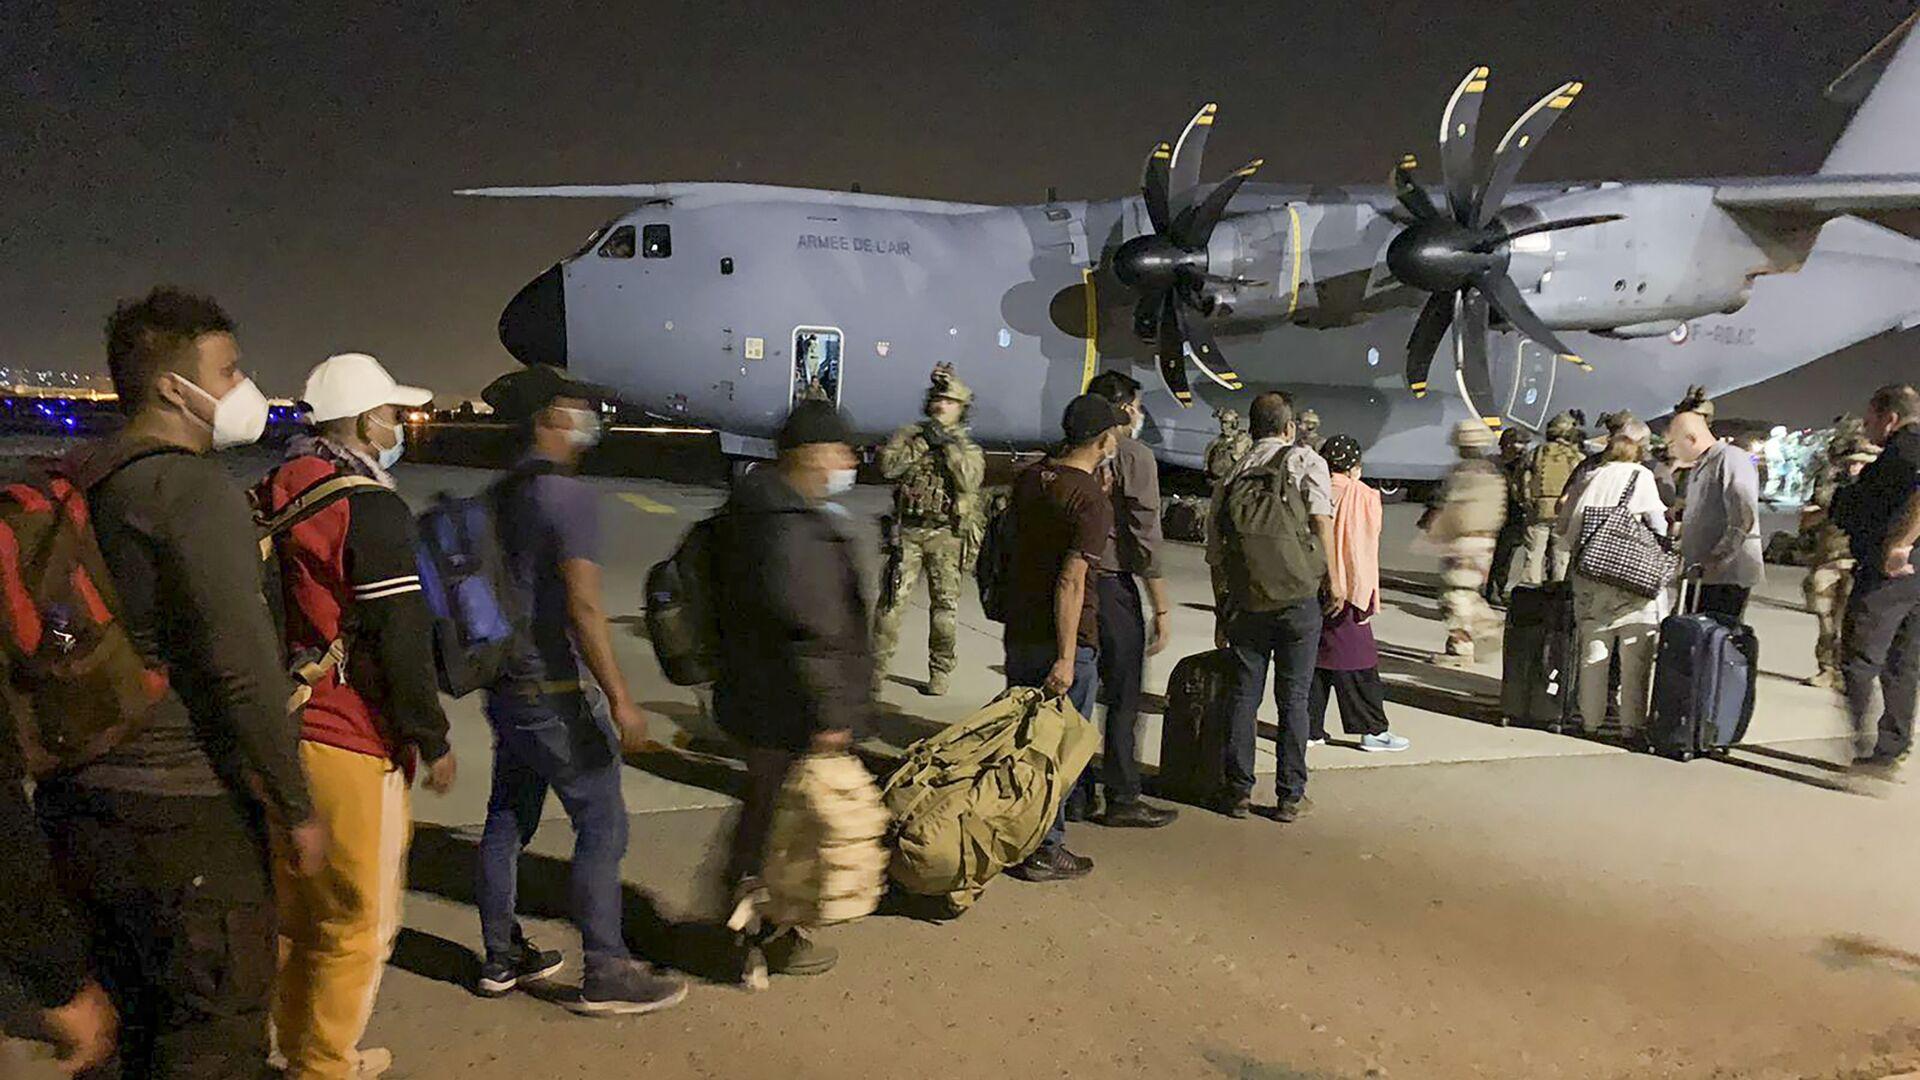 Французы и их коллеги из Афганистана в ожидании посадки на военный самолет в аэропорту Кабула - Sputnik Азербайджан, 1920, 18.08.2021